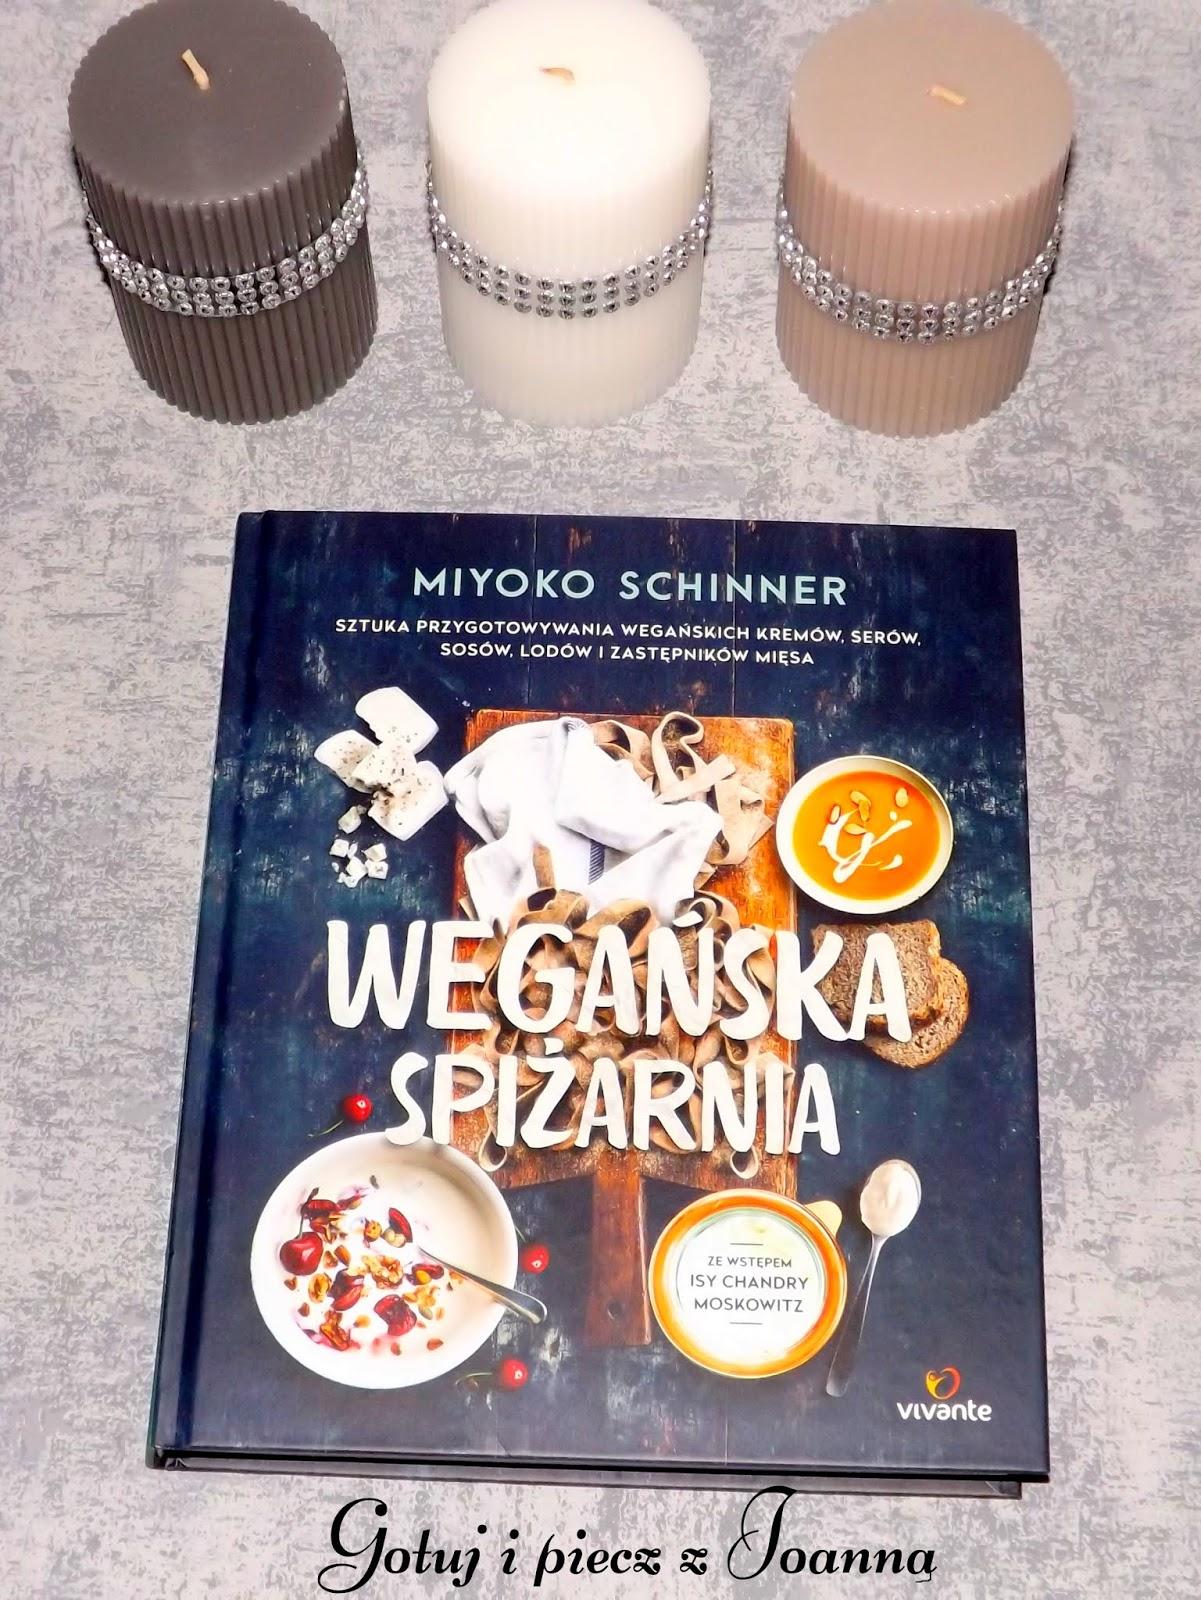 Wegańska spiżarnia- Miyoko Schinner, sztuka przygotowywania wegańskich potraw